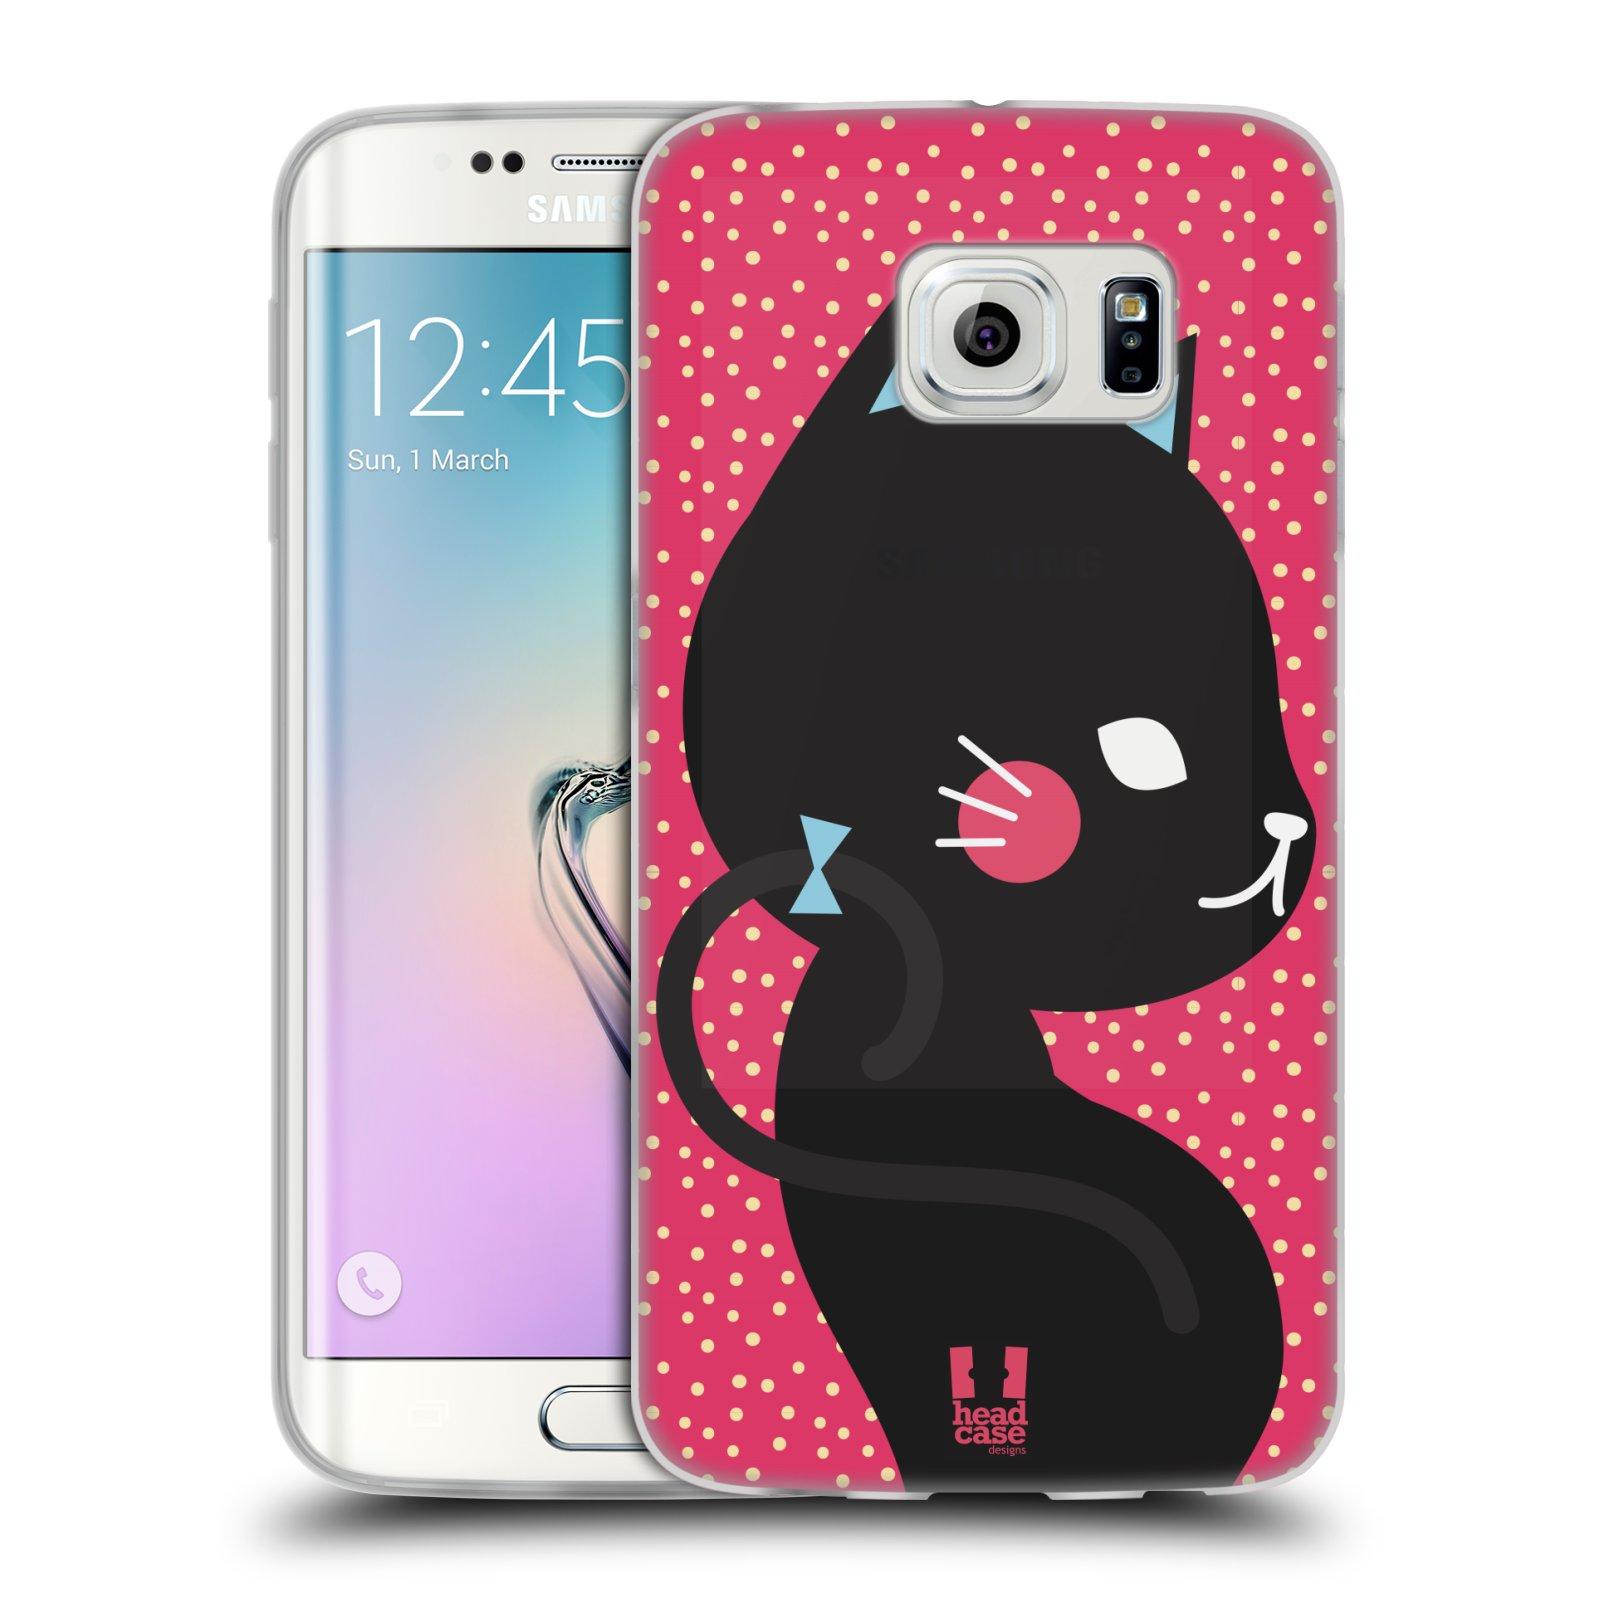 Silikonové pouzdro na mobil Samsung Galaxy S6 Edge HEAD CASE KOČIČKA ČERNÁ NA RŮŽOVÉ (Silikonový kryt či obal na mobilní telefon Samsung Galaxy S6 Edge SM-G925F)